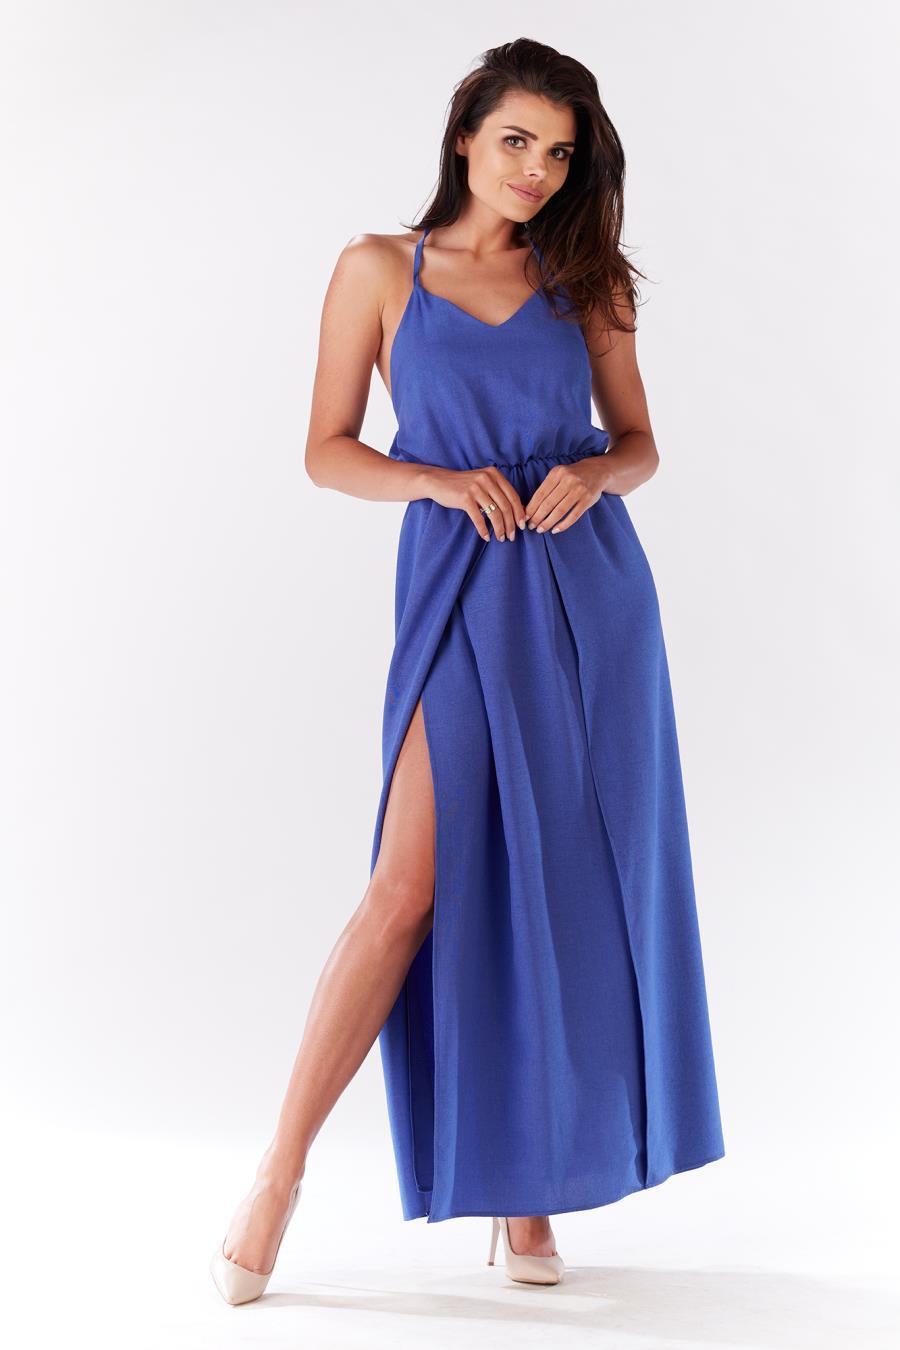 ca234eb45b0846 sukienki, letnie, długie, niebieskie, modne, polskie, sklep, online ...